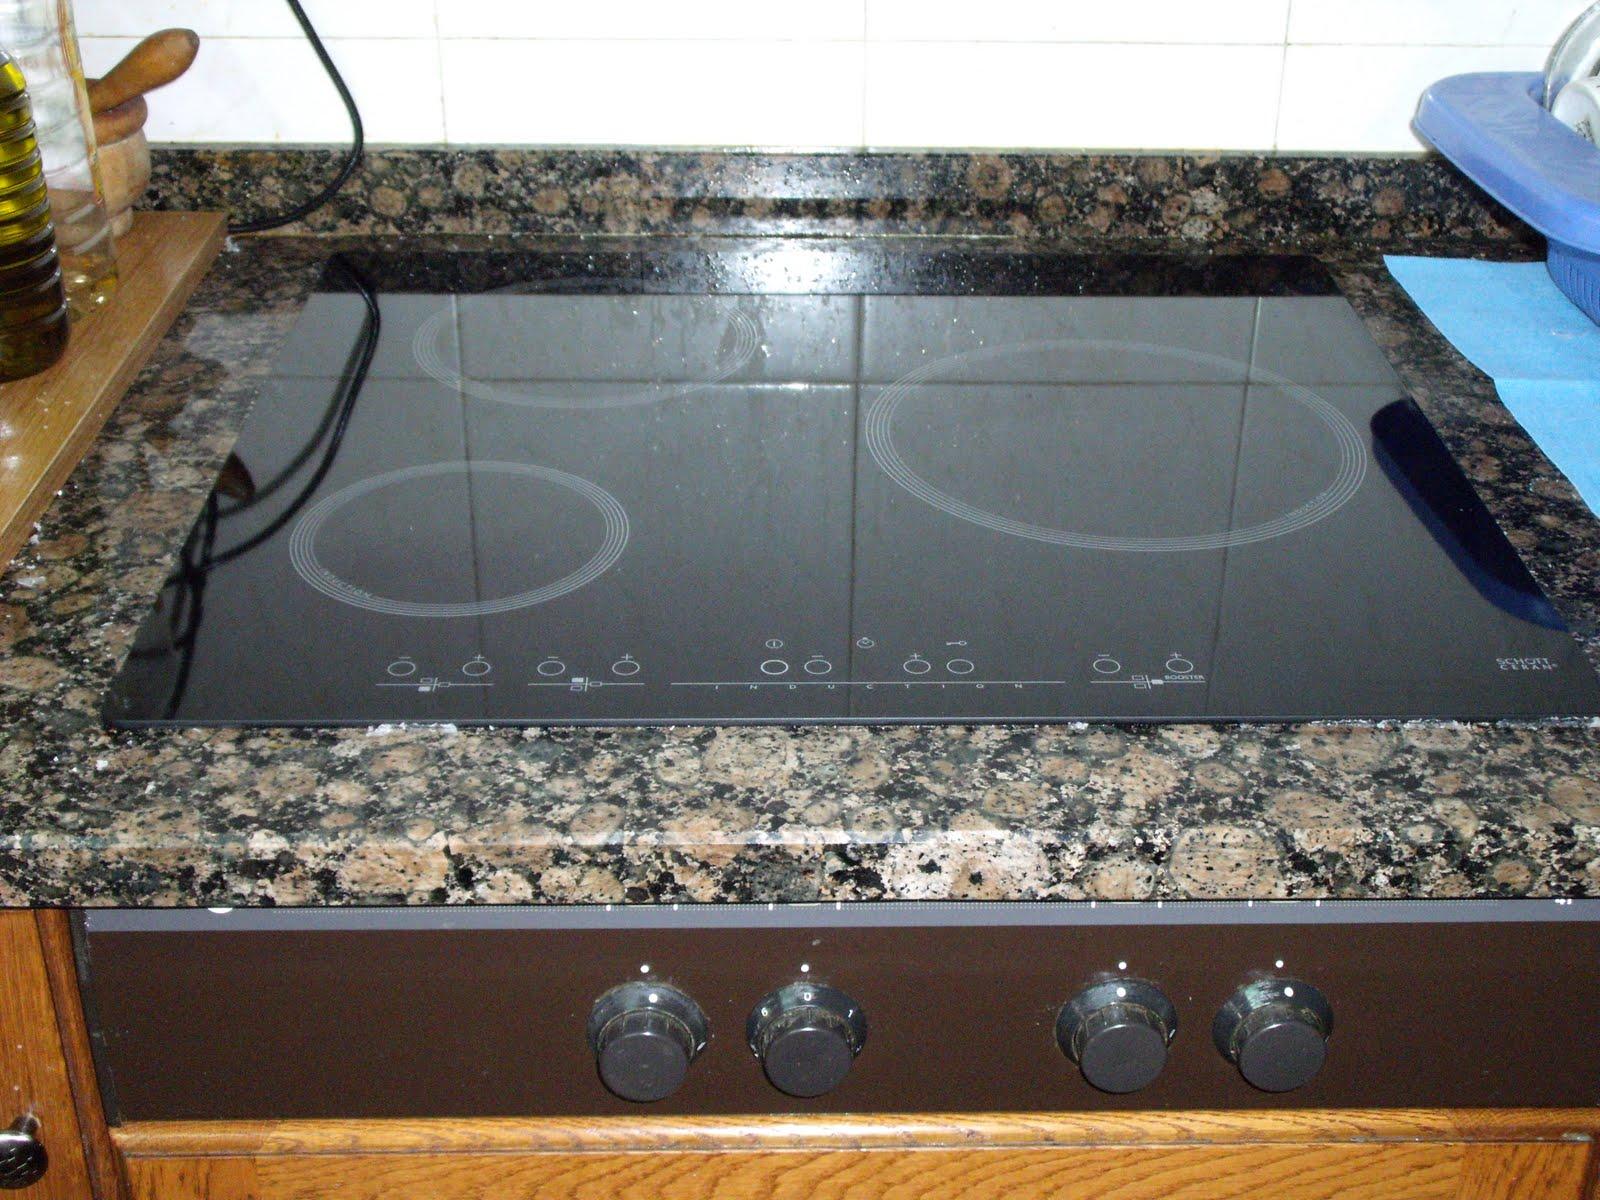 Dudas tecnol gicas cocina vitrocer mica for Cocina vitroceramica